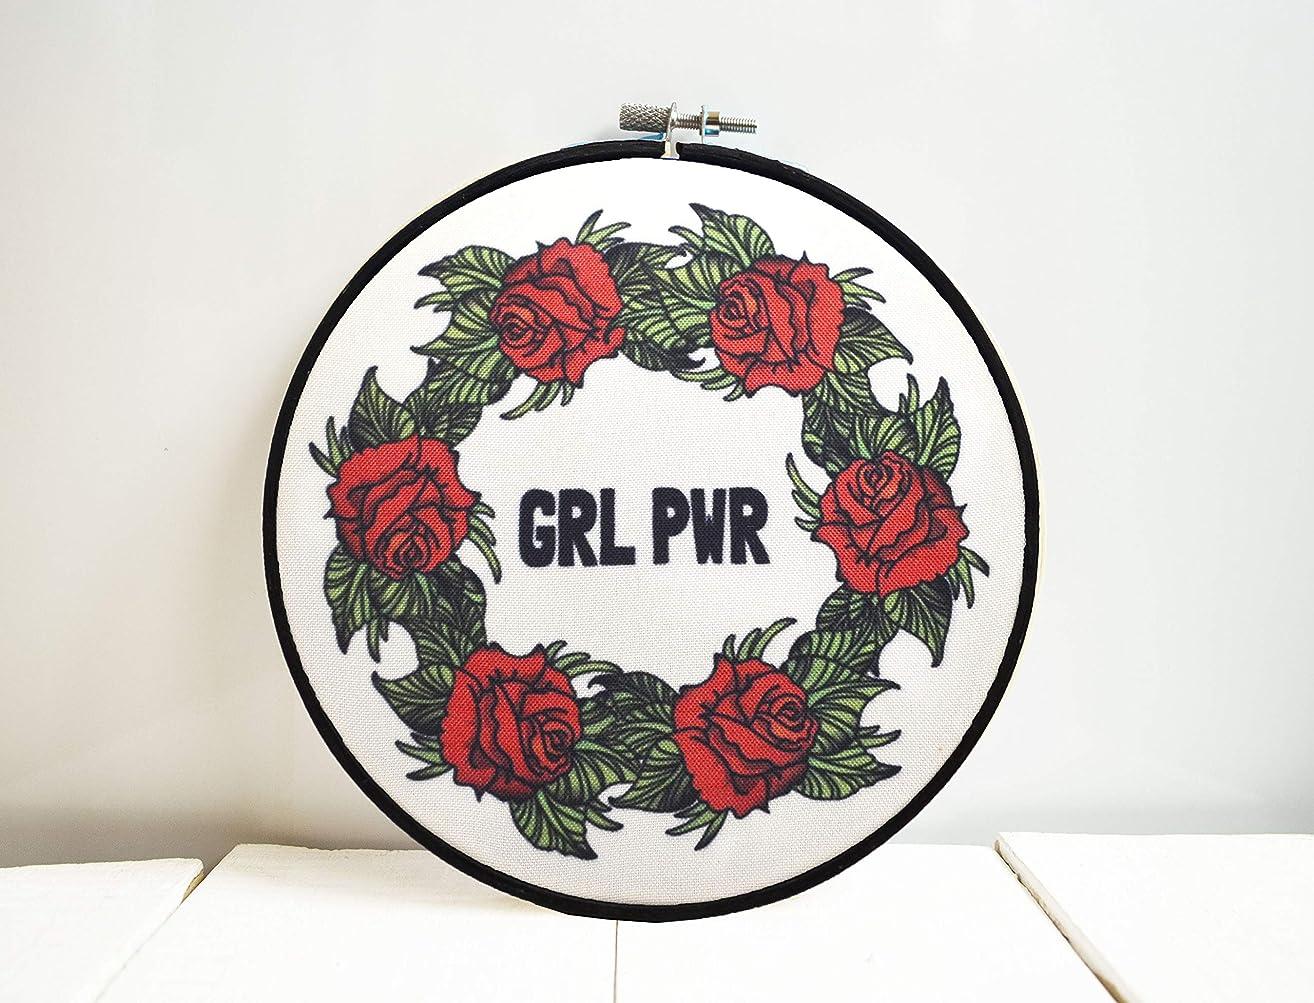 Girl power wall art Girl boss gift Women empowerment Feminist hoop art GRL PWR Feminist gift Nasty woman